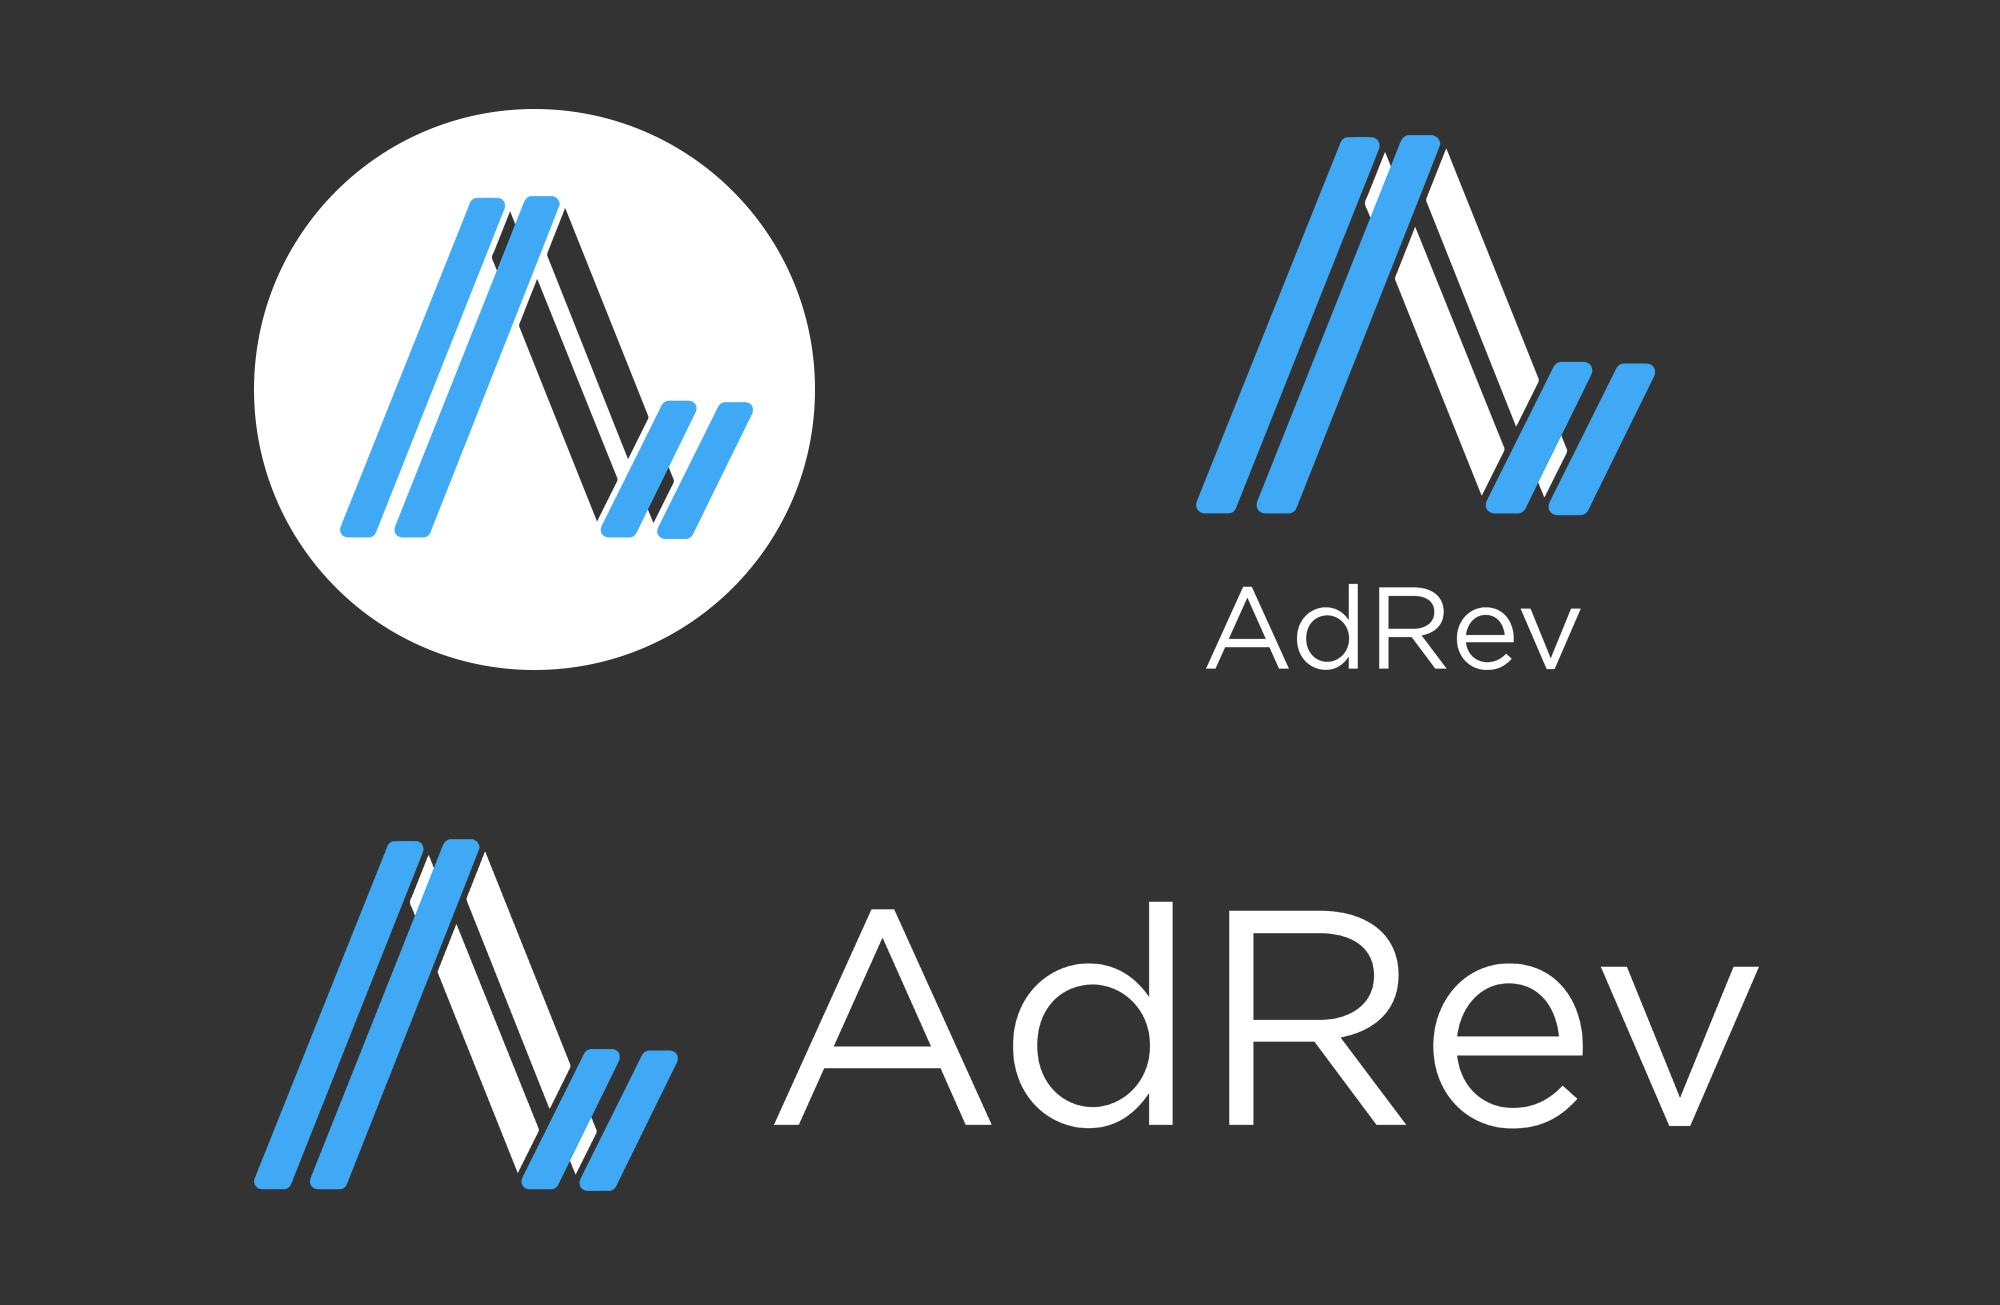 adrev2.jpg